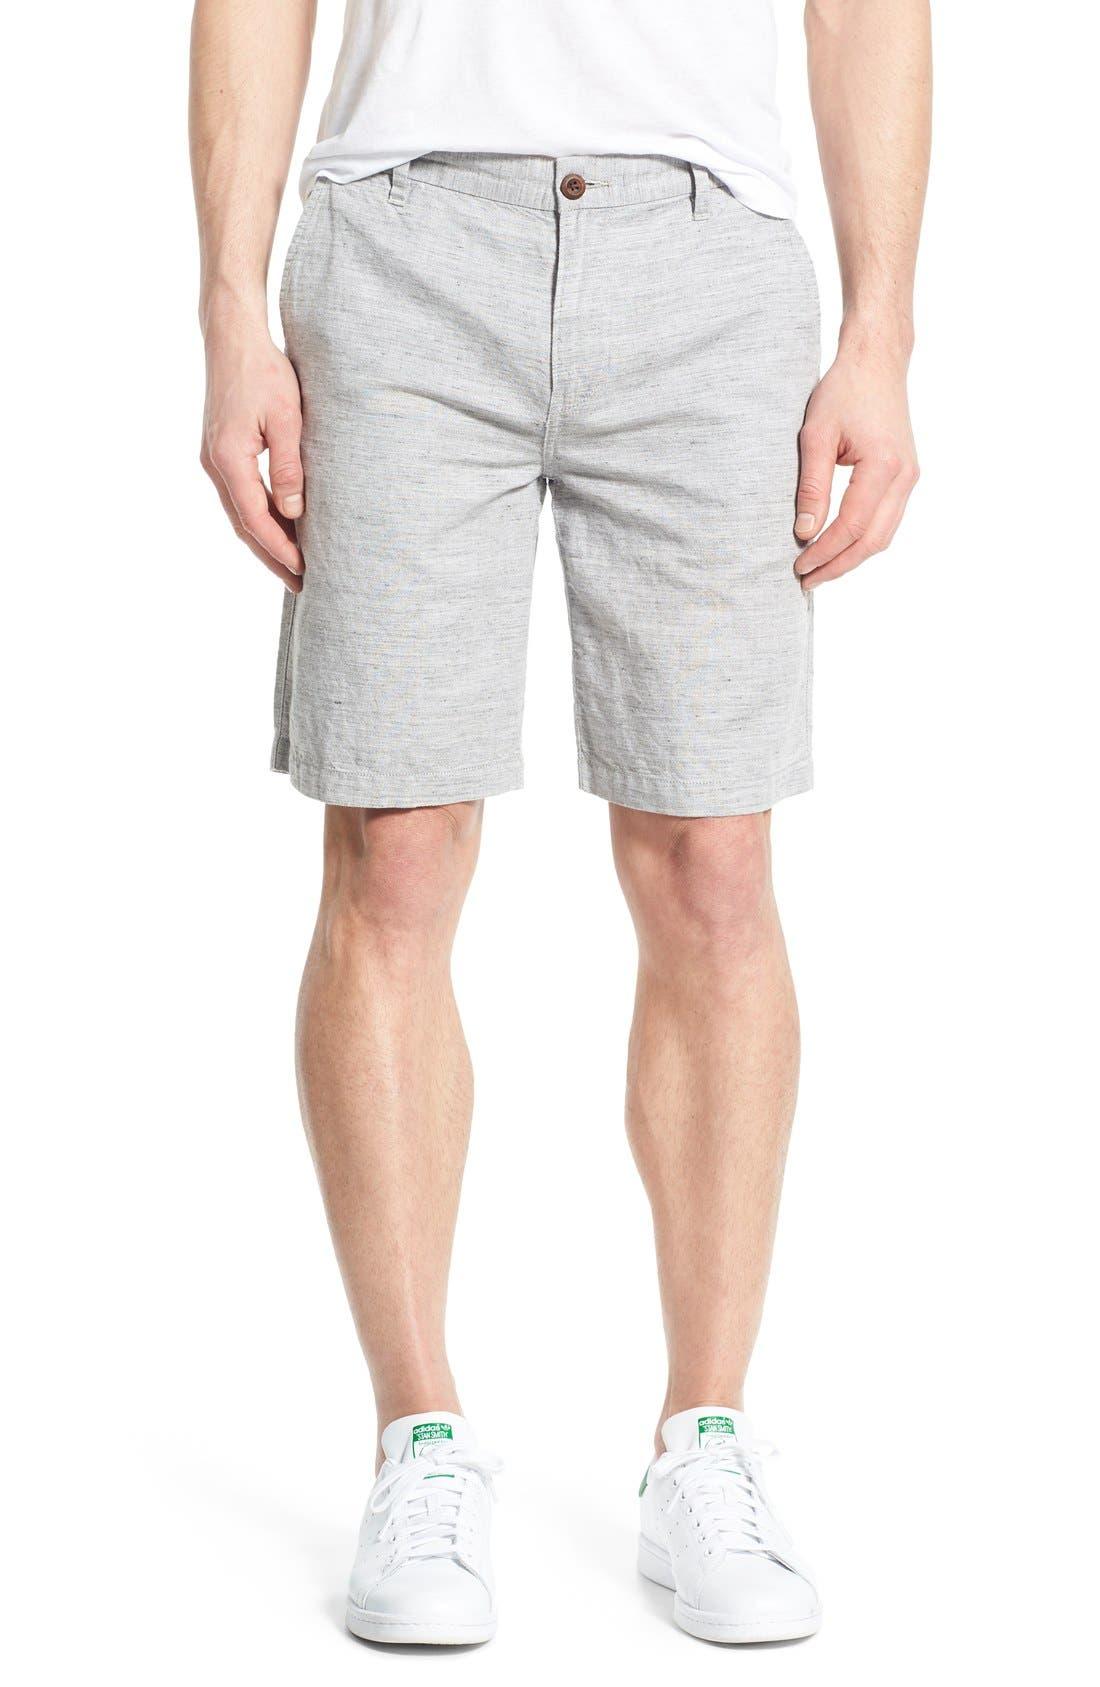 'Thompson' Slim Fit Shorts,                             Main thumbnail 1, color,                             020